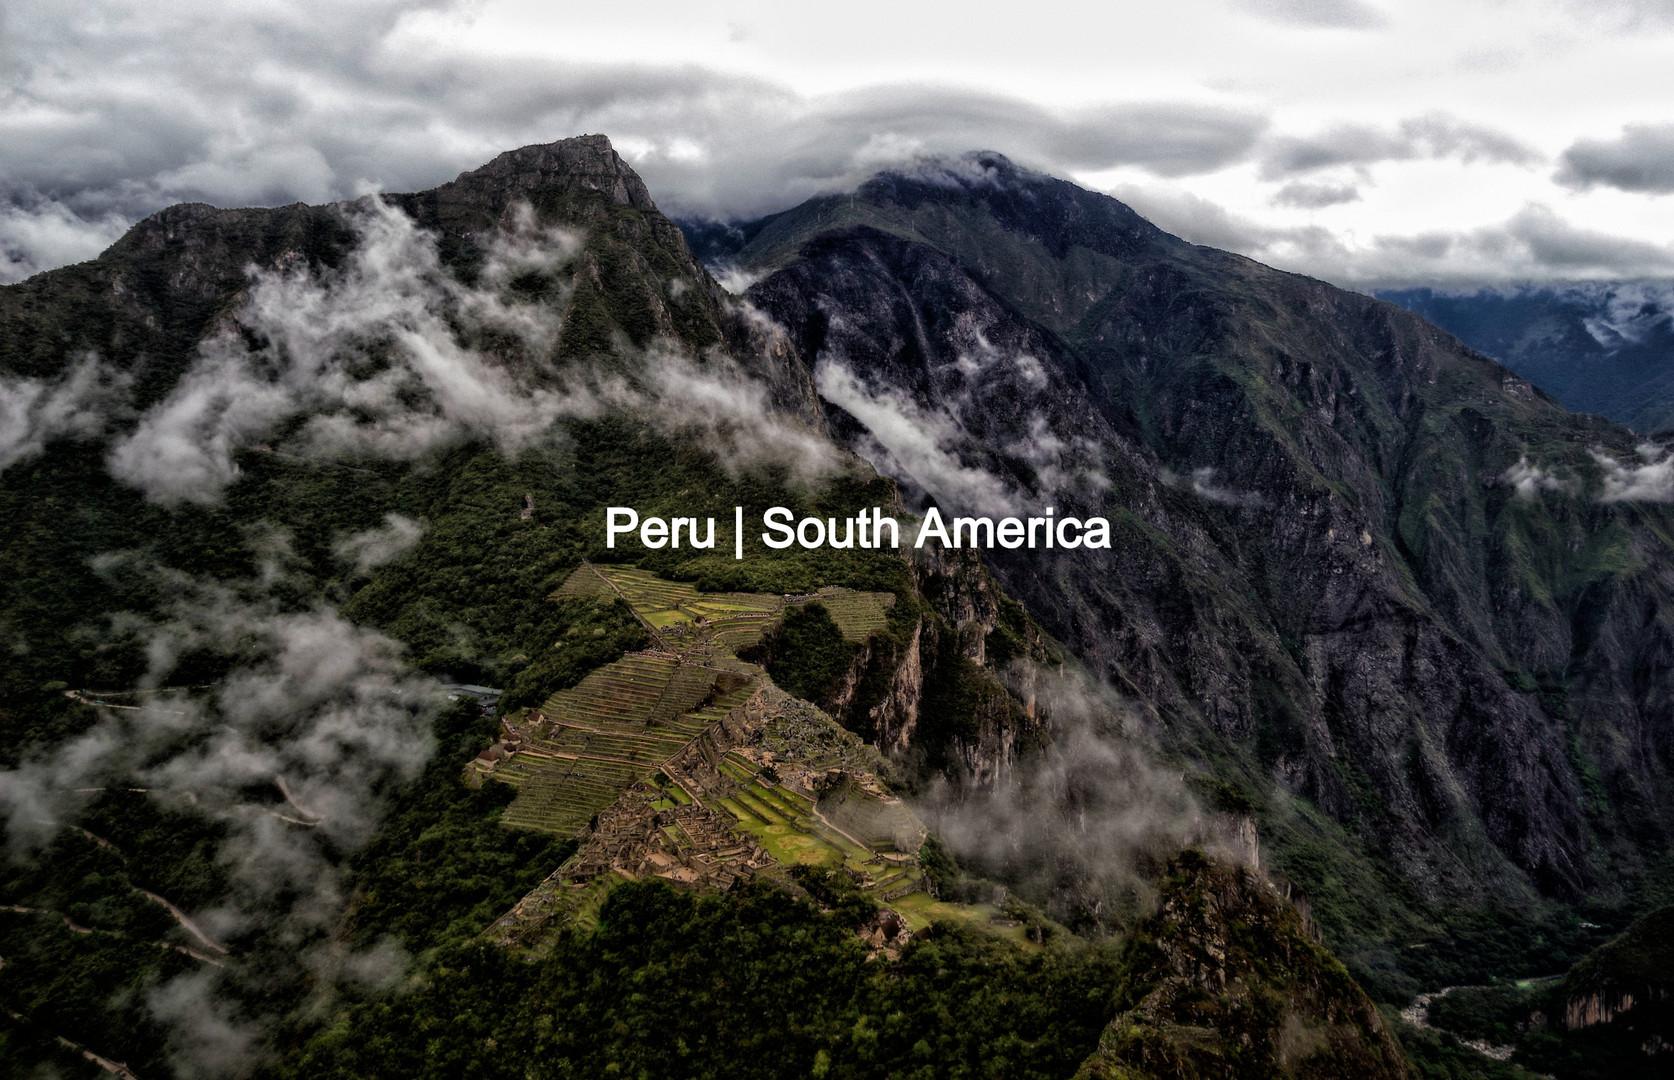 Peru | South America